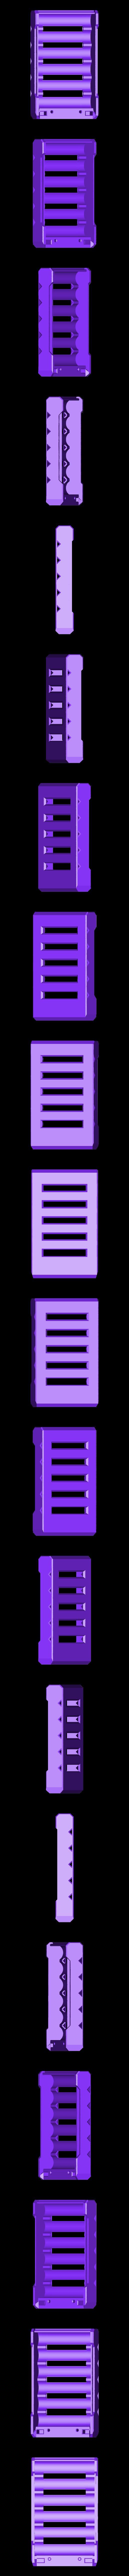 18650_6P_base_V2_Vented.stl Télécharger fichier STL gratuit NESE, le module V2 sans soudure 18650 (VENTED) • Objet pour imprimante 3D, 18650